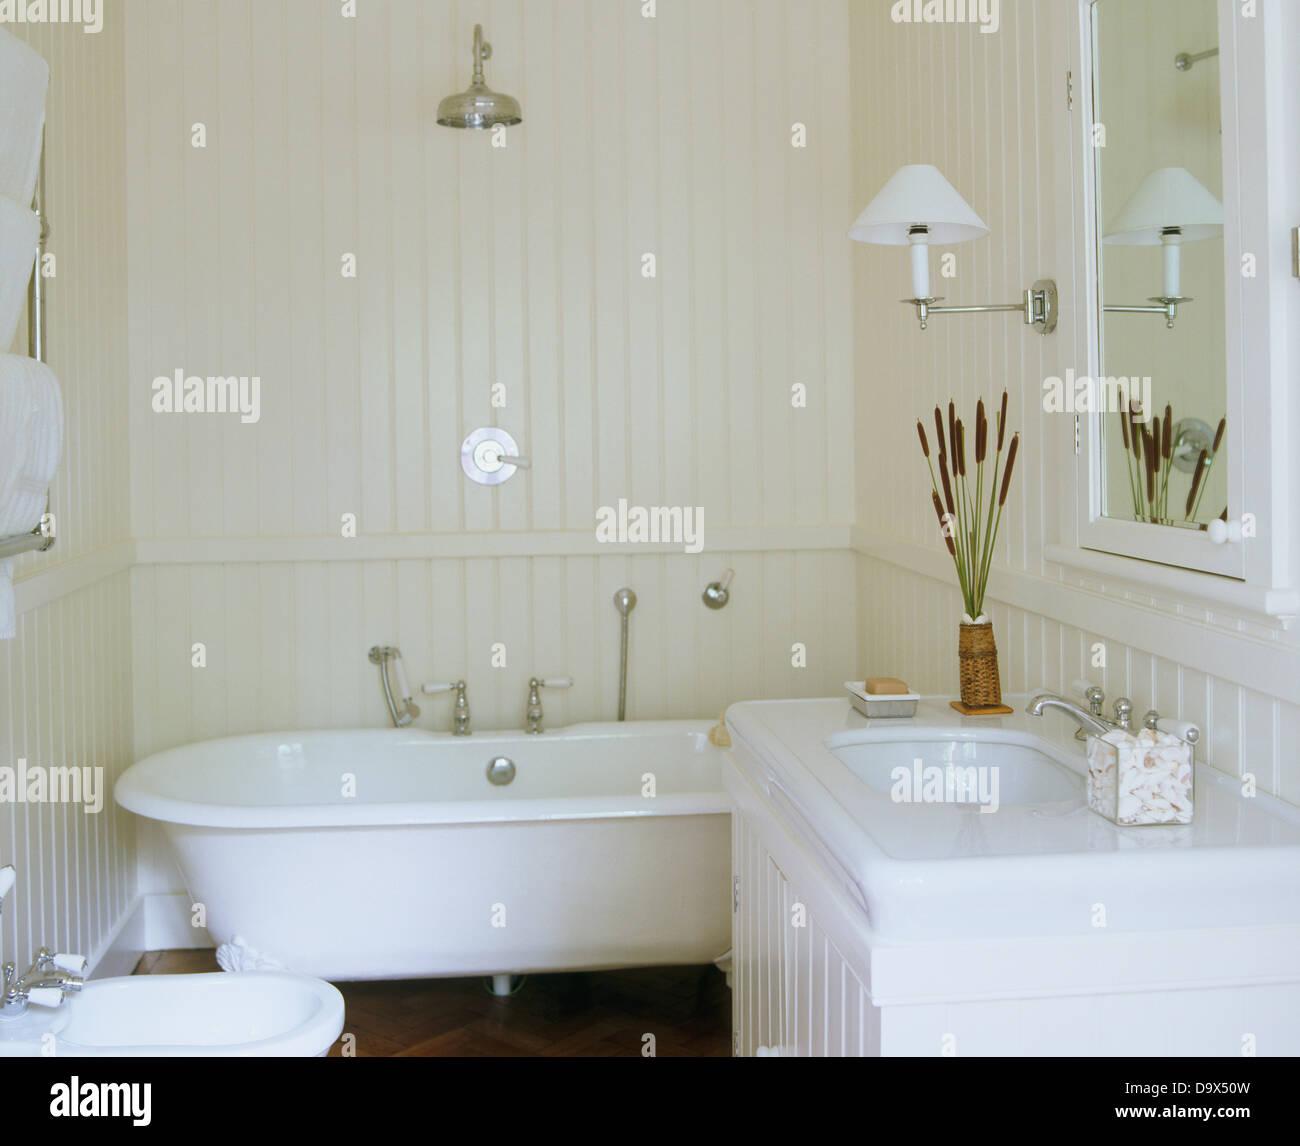 Chrom Dusche über Roll Top Badewanne Im Weißen Badezimmer Mit Weißen  Gemalten Zunge + Groove Verkleidung